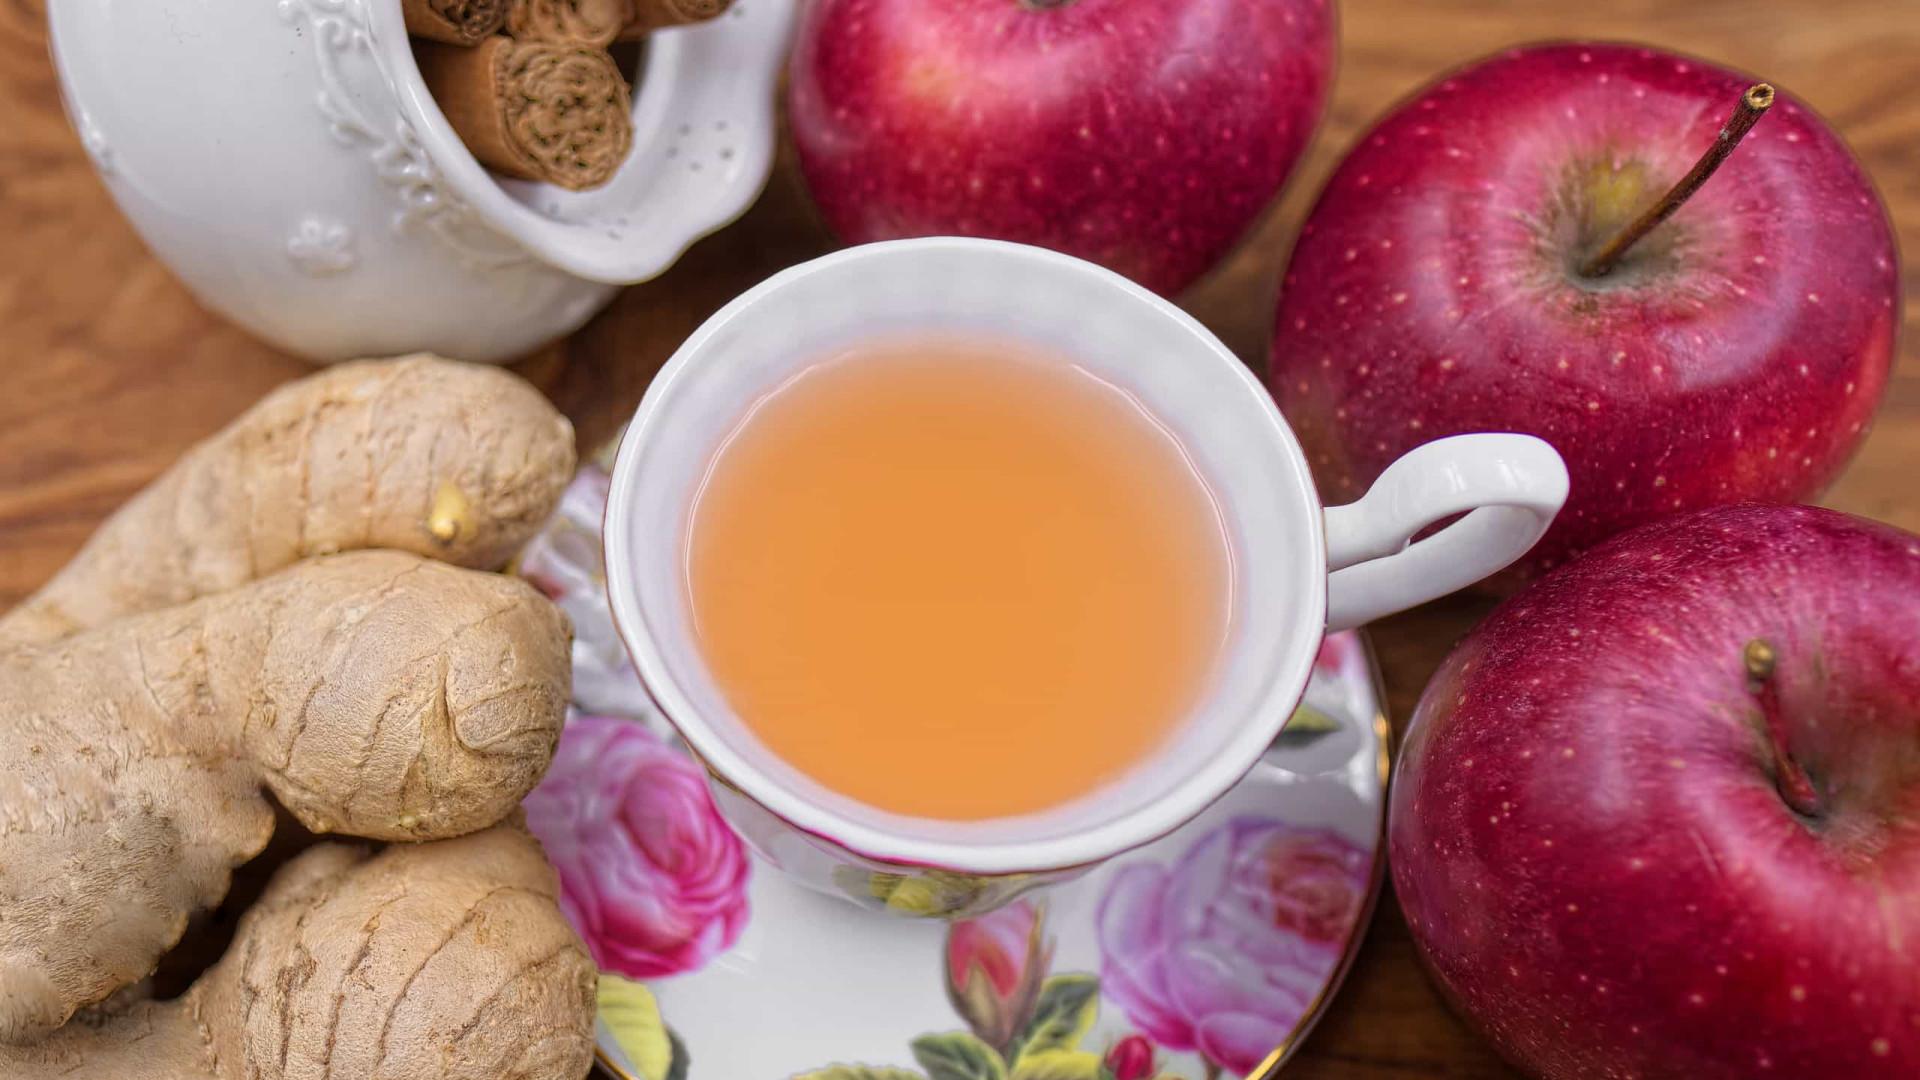 O chá de maçã e gengibre que acelera o metabolismo e emagrece